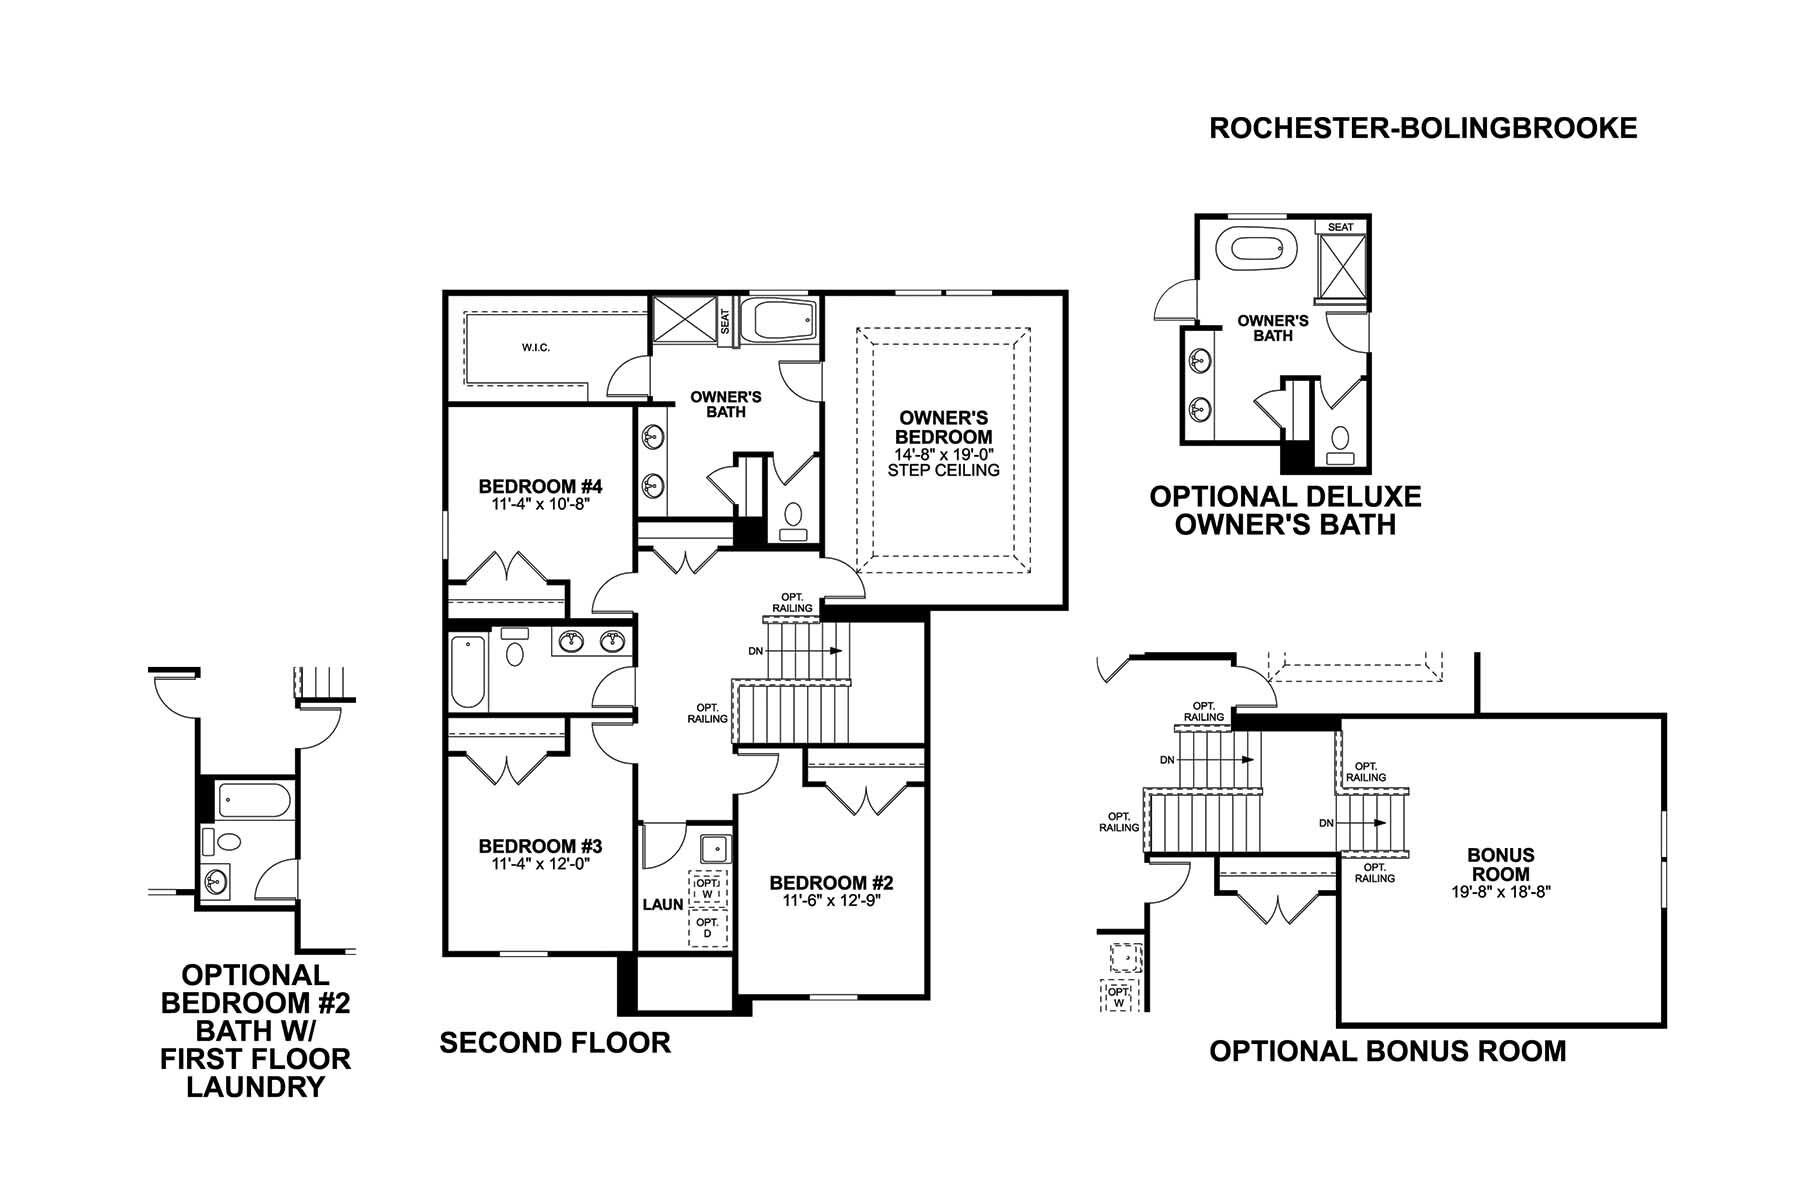 Rochester Second Floor